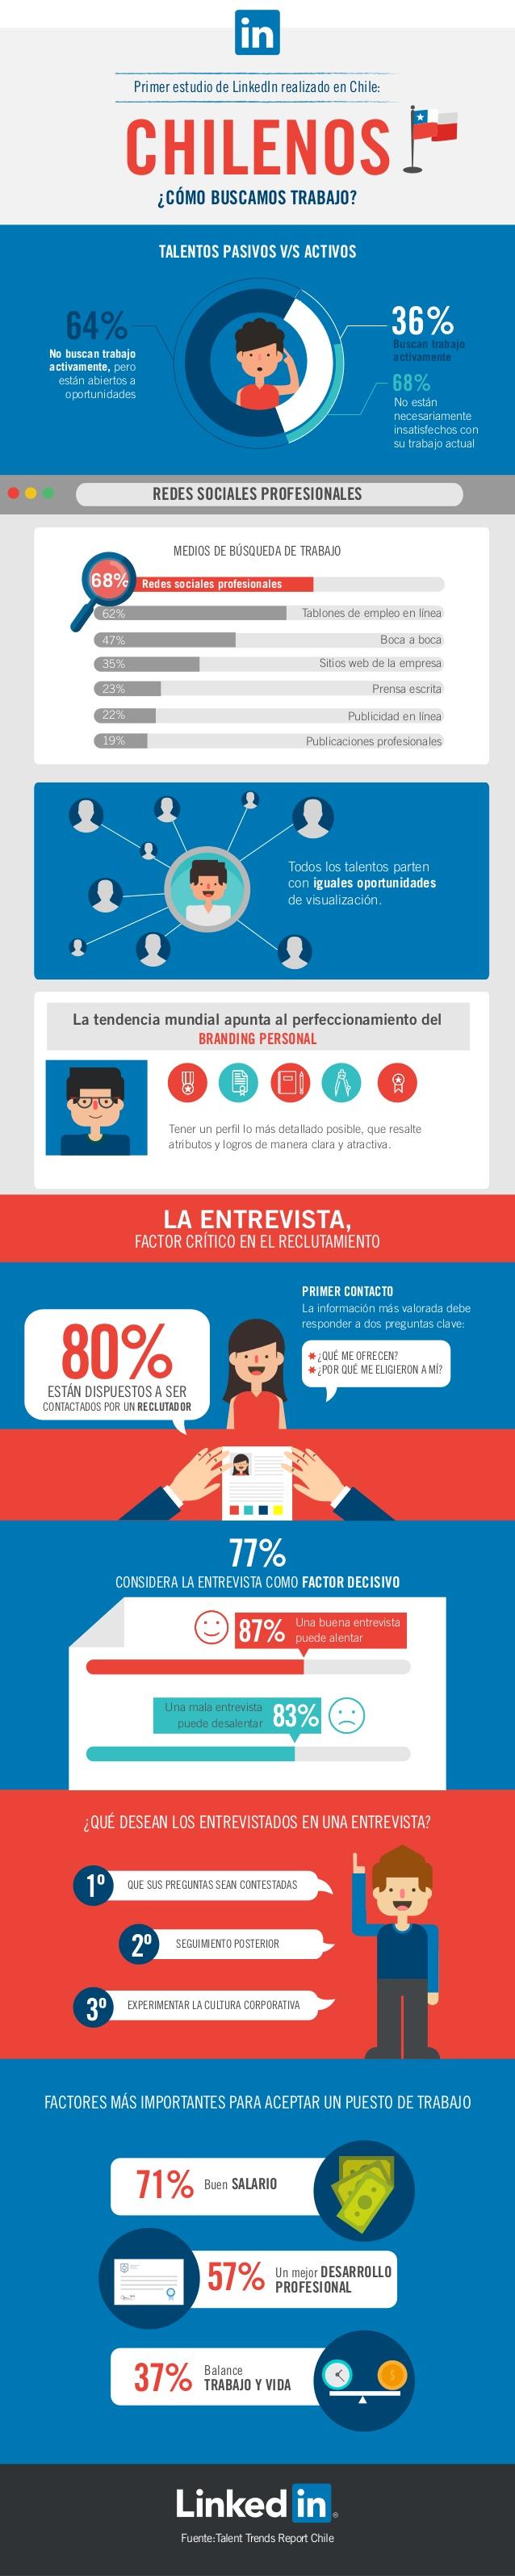 Cómo se busca trabajo en Chile